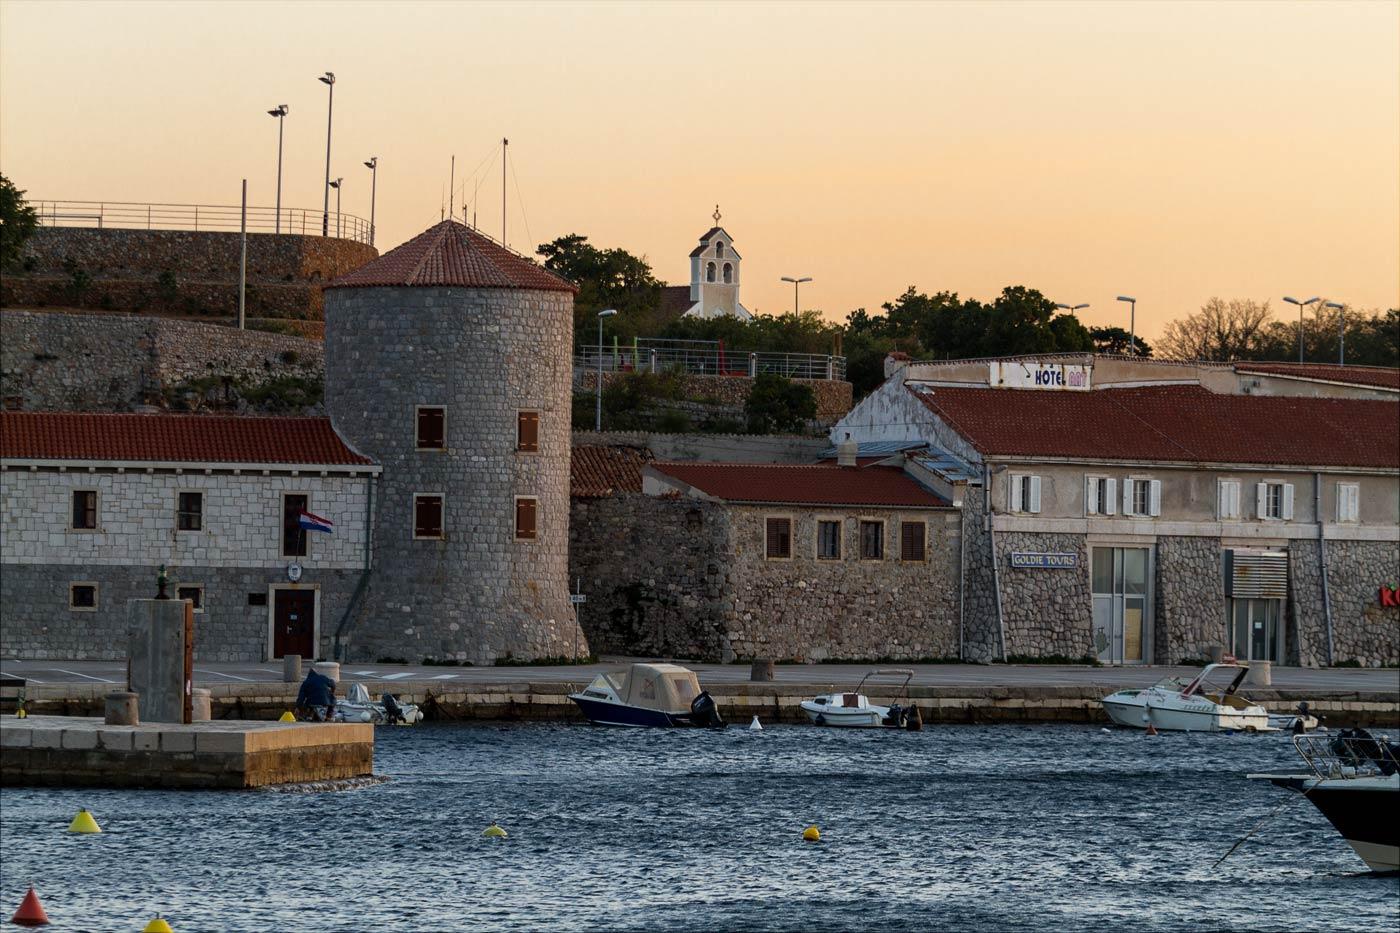 Закатный вид на город, Сень, Хорватия